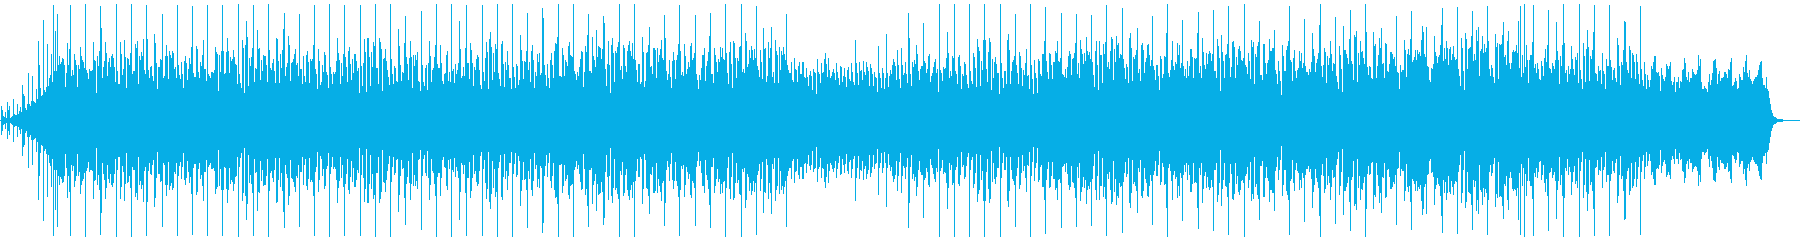 切ないアコギ サックス Vlogの再生済みの波形